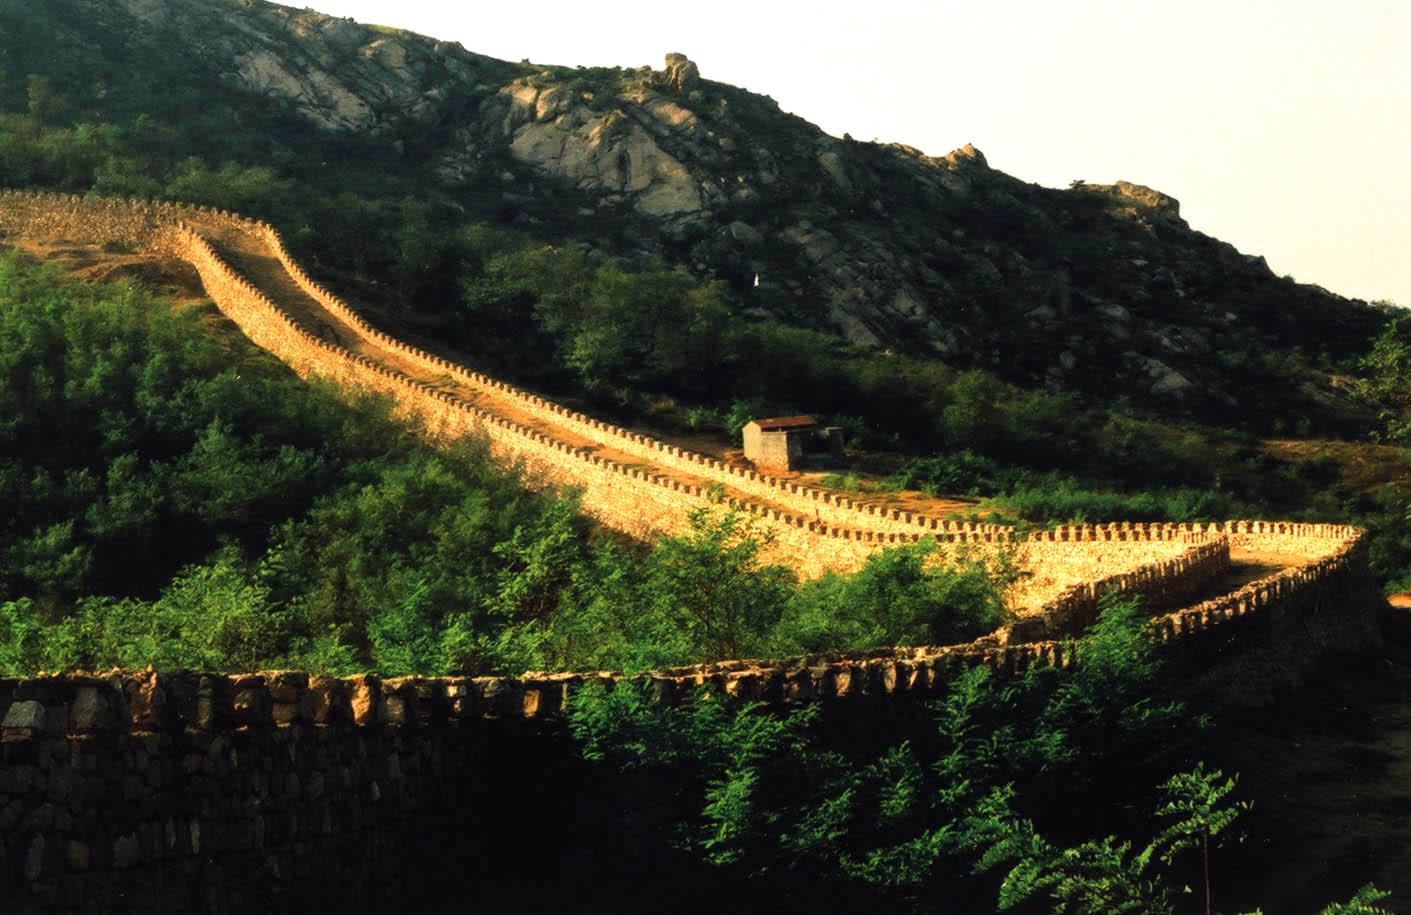 青岛珠山国家森林公园齐长城遗址